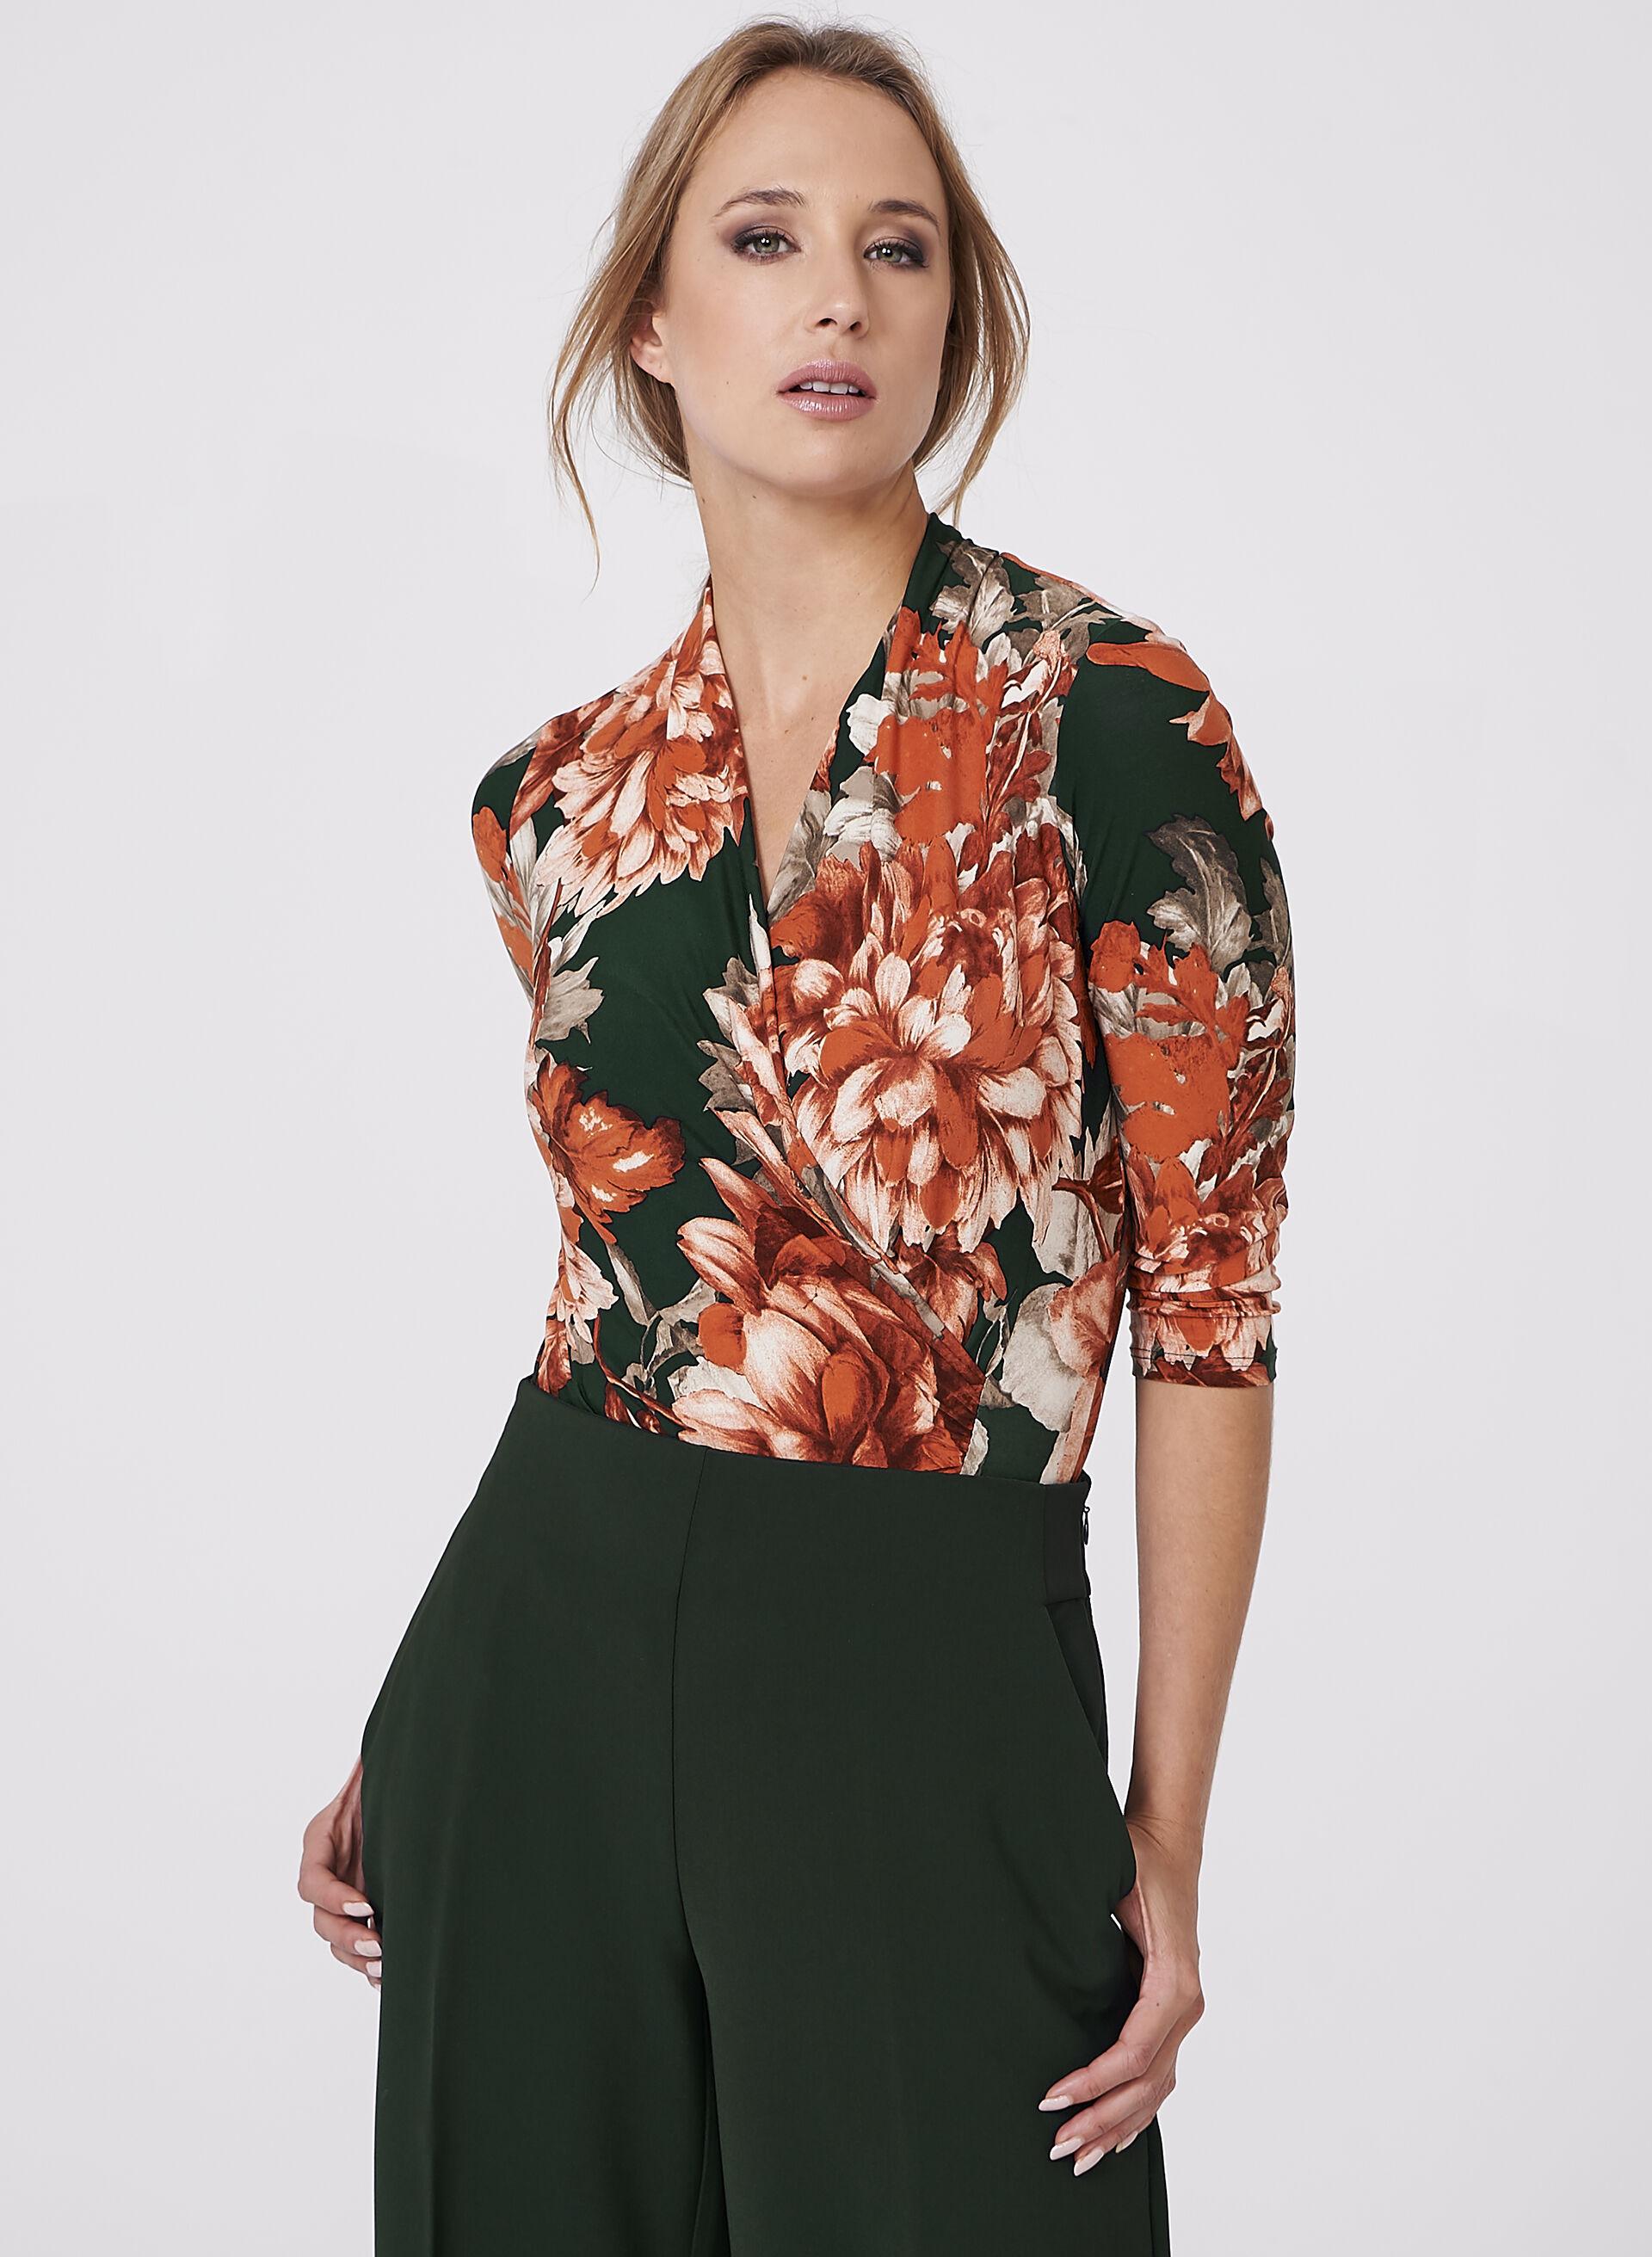 Floral Print Faux Wrap Top   Melanie Lyne